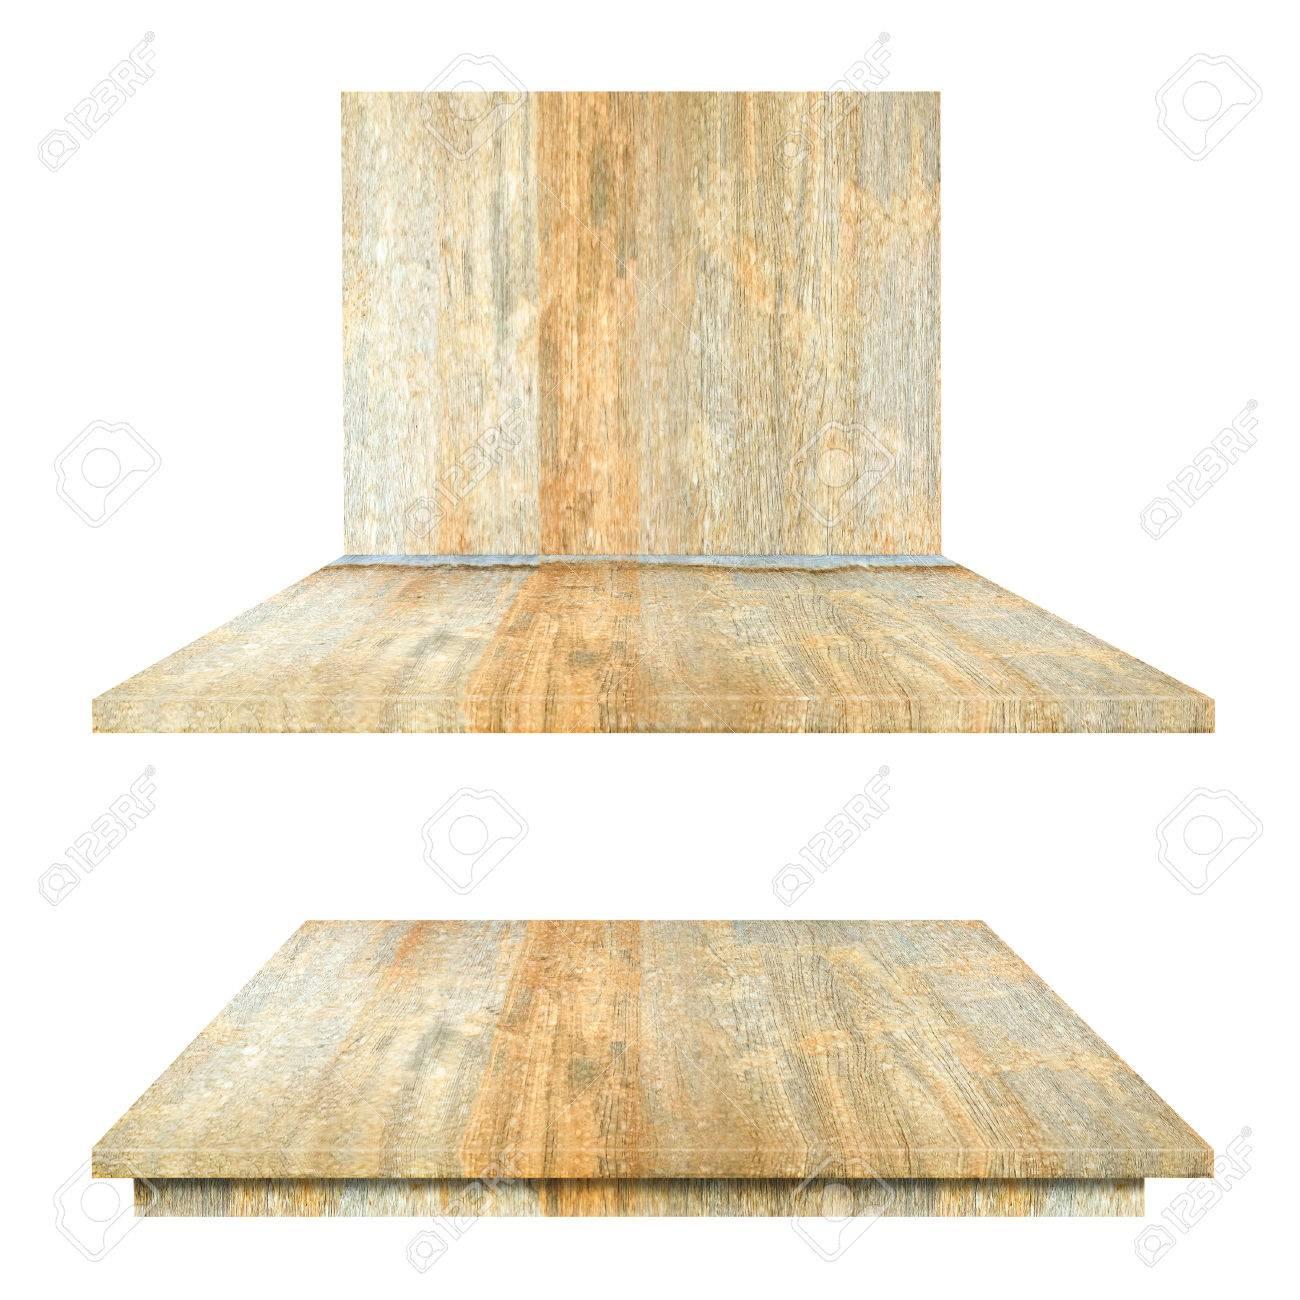 Witte Planken Aan De Muur.Houten Bovenste Planken Tafel En Muur Geisoleerd Op Een Witte